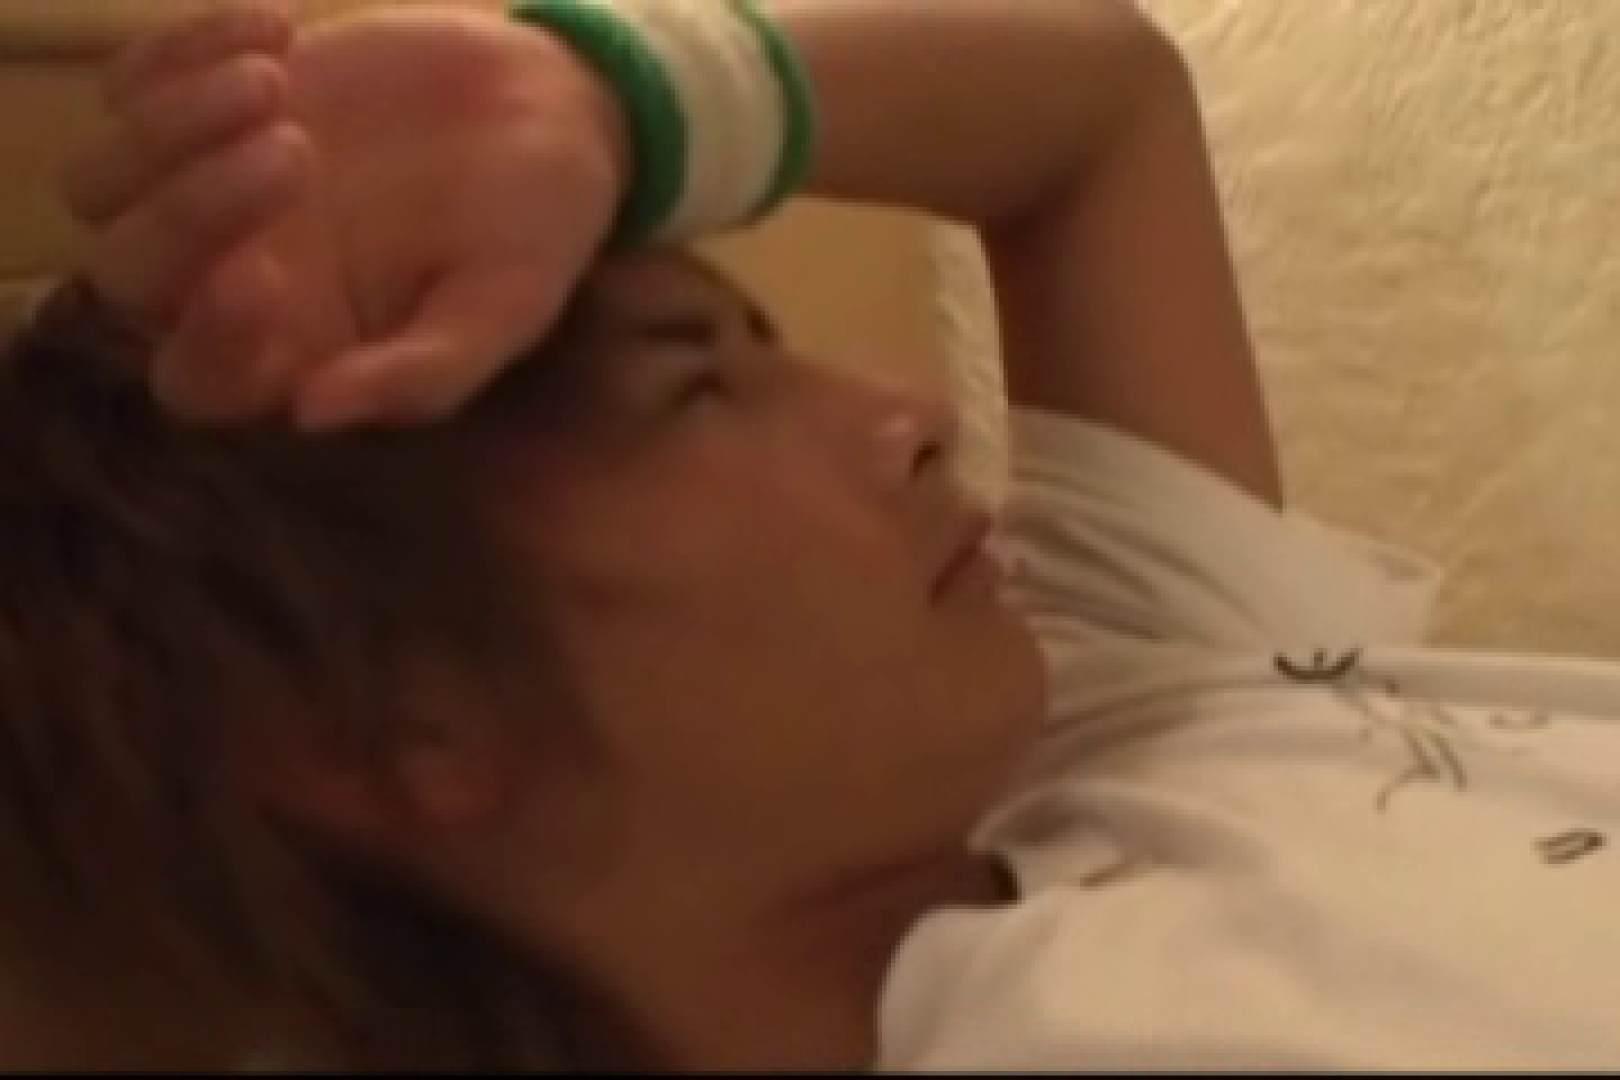 情 欲 vol.02 オナニー ゲイセックス画像 103枚 90